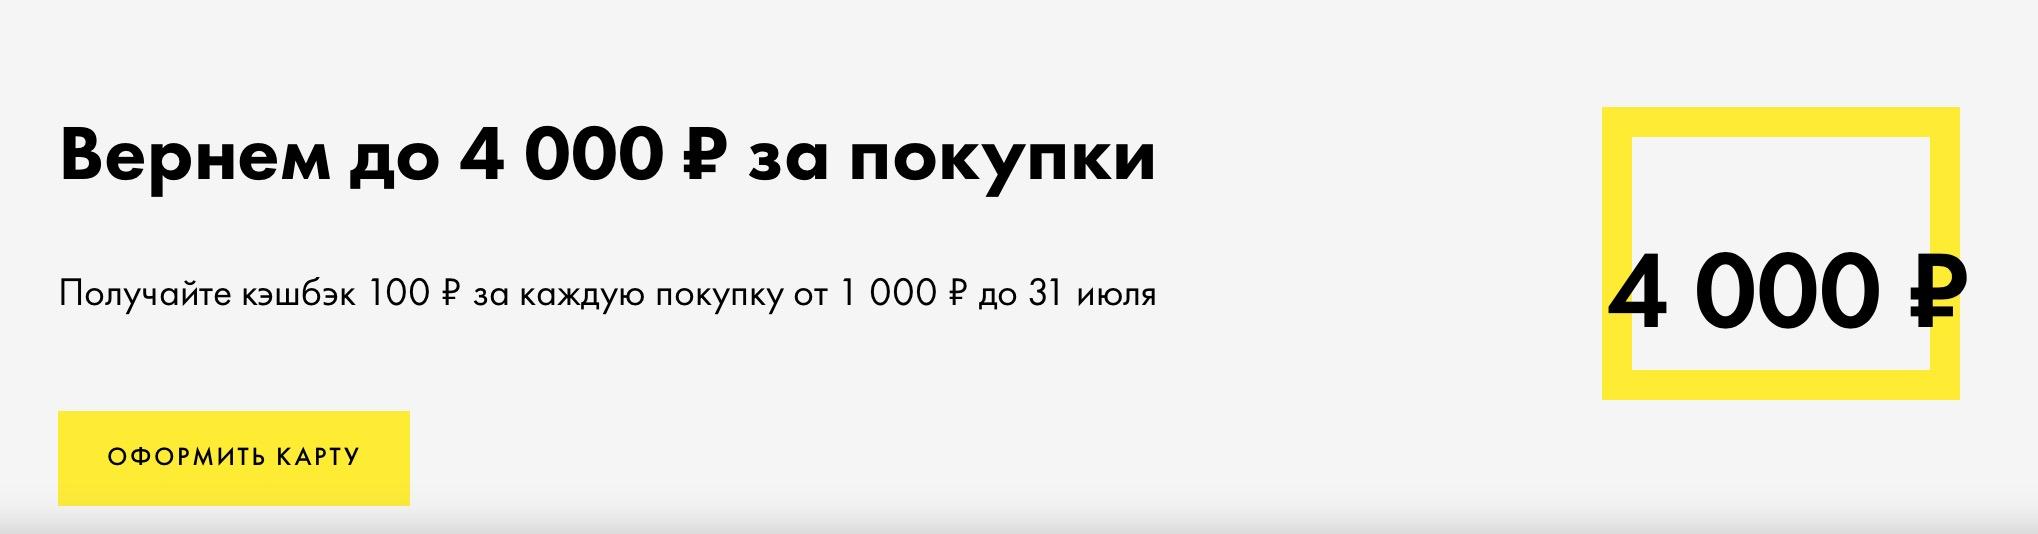 """кэшбэк 10% по карте """"110 дней без процентов"""" от райффайзенбанка"""